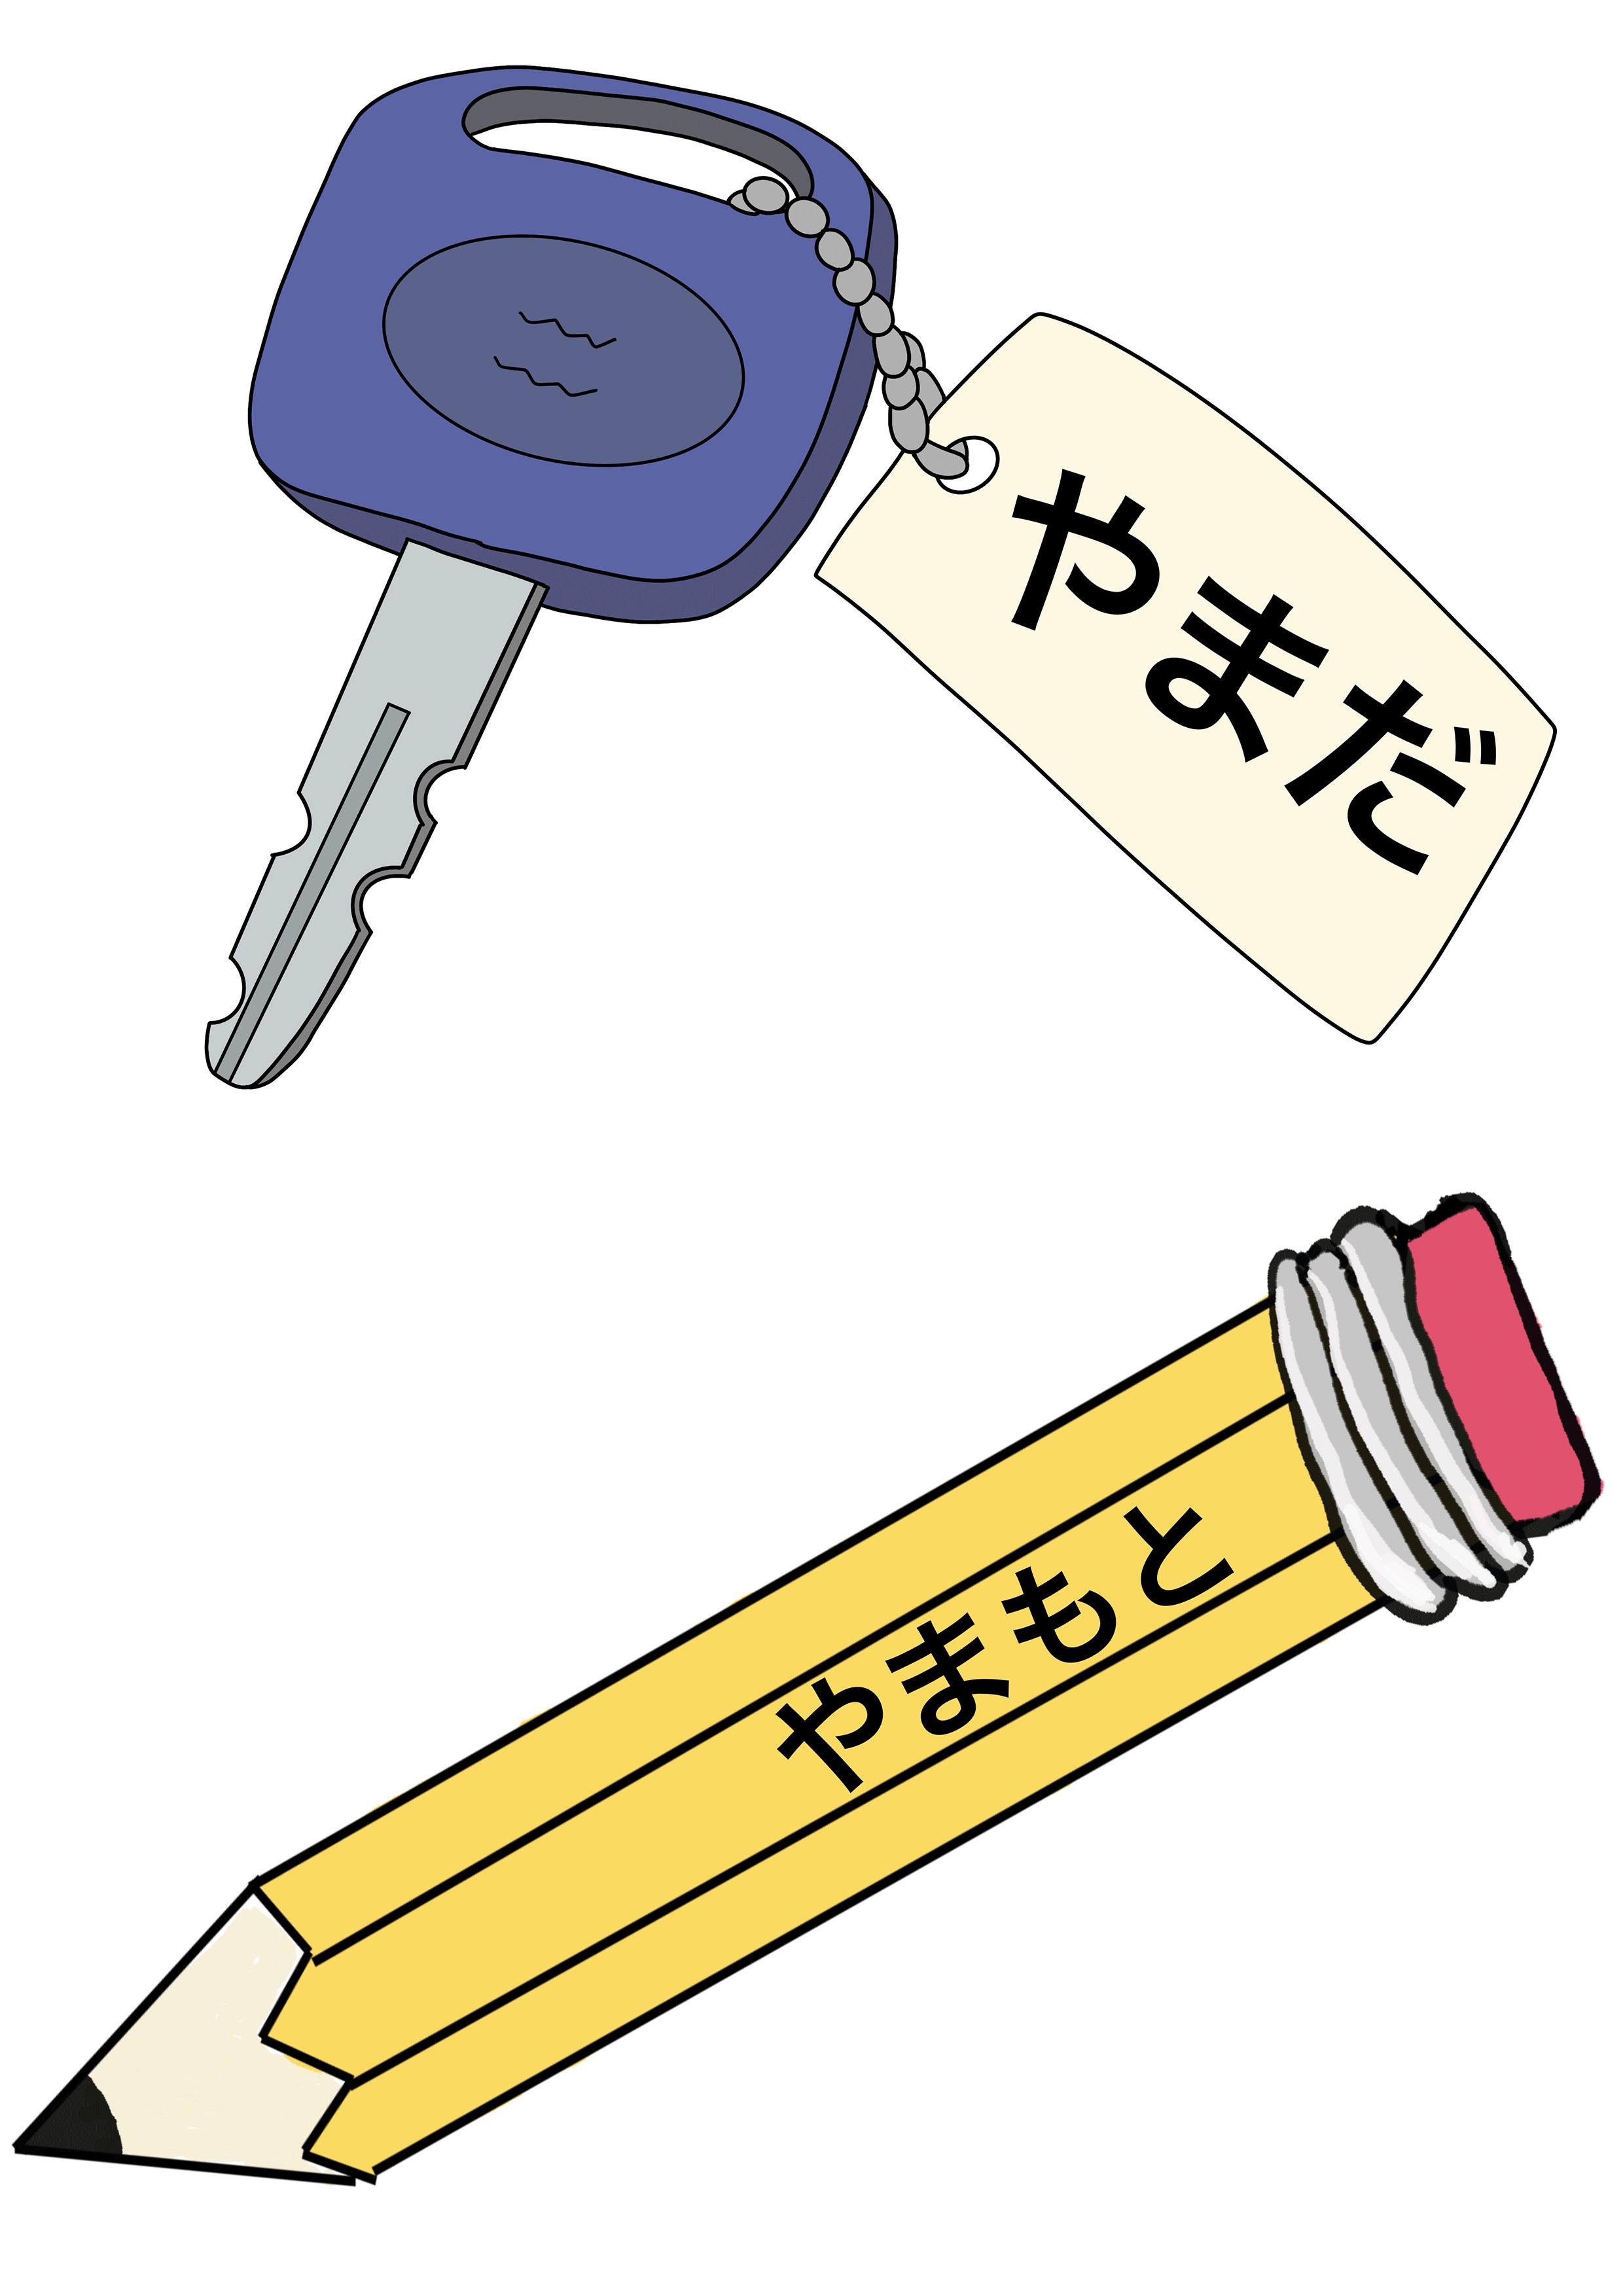 2課イラスト【かぎ/えんぴつ】